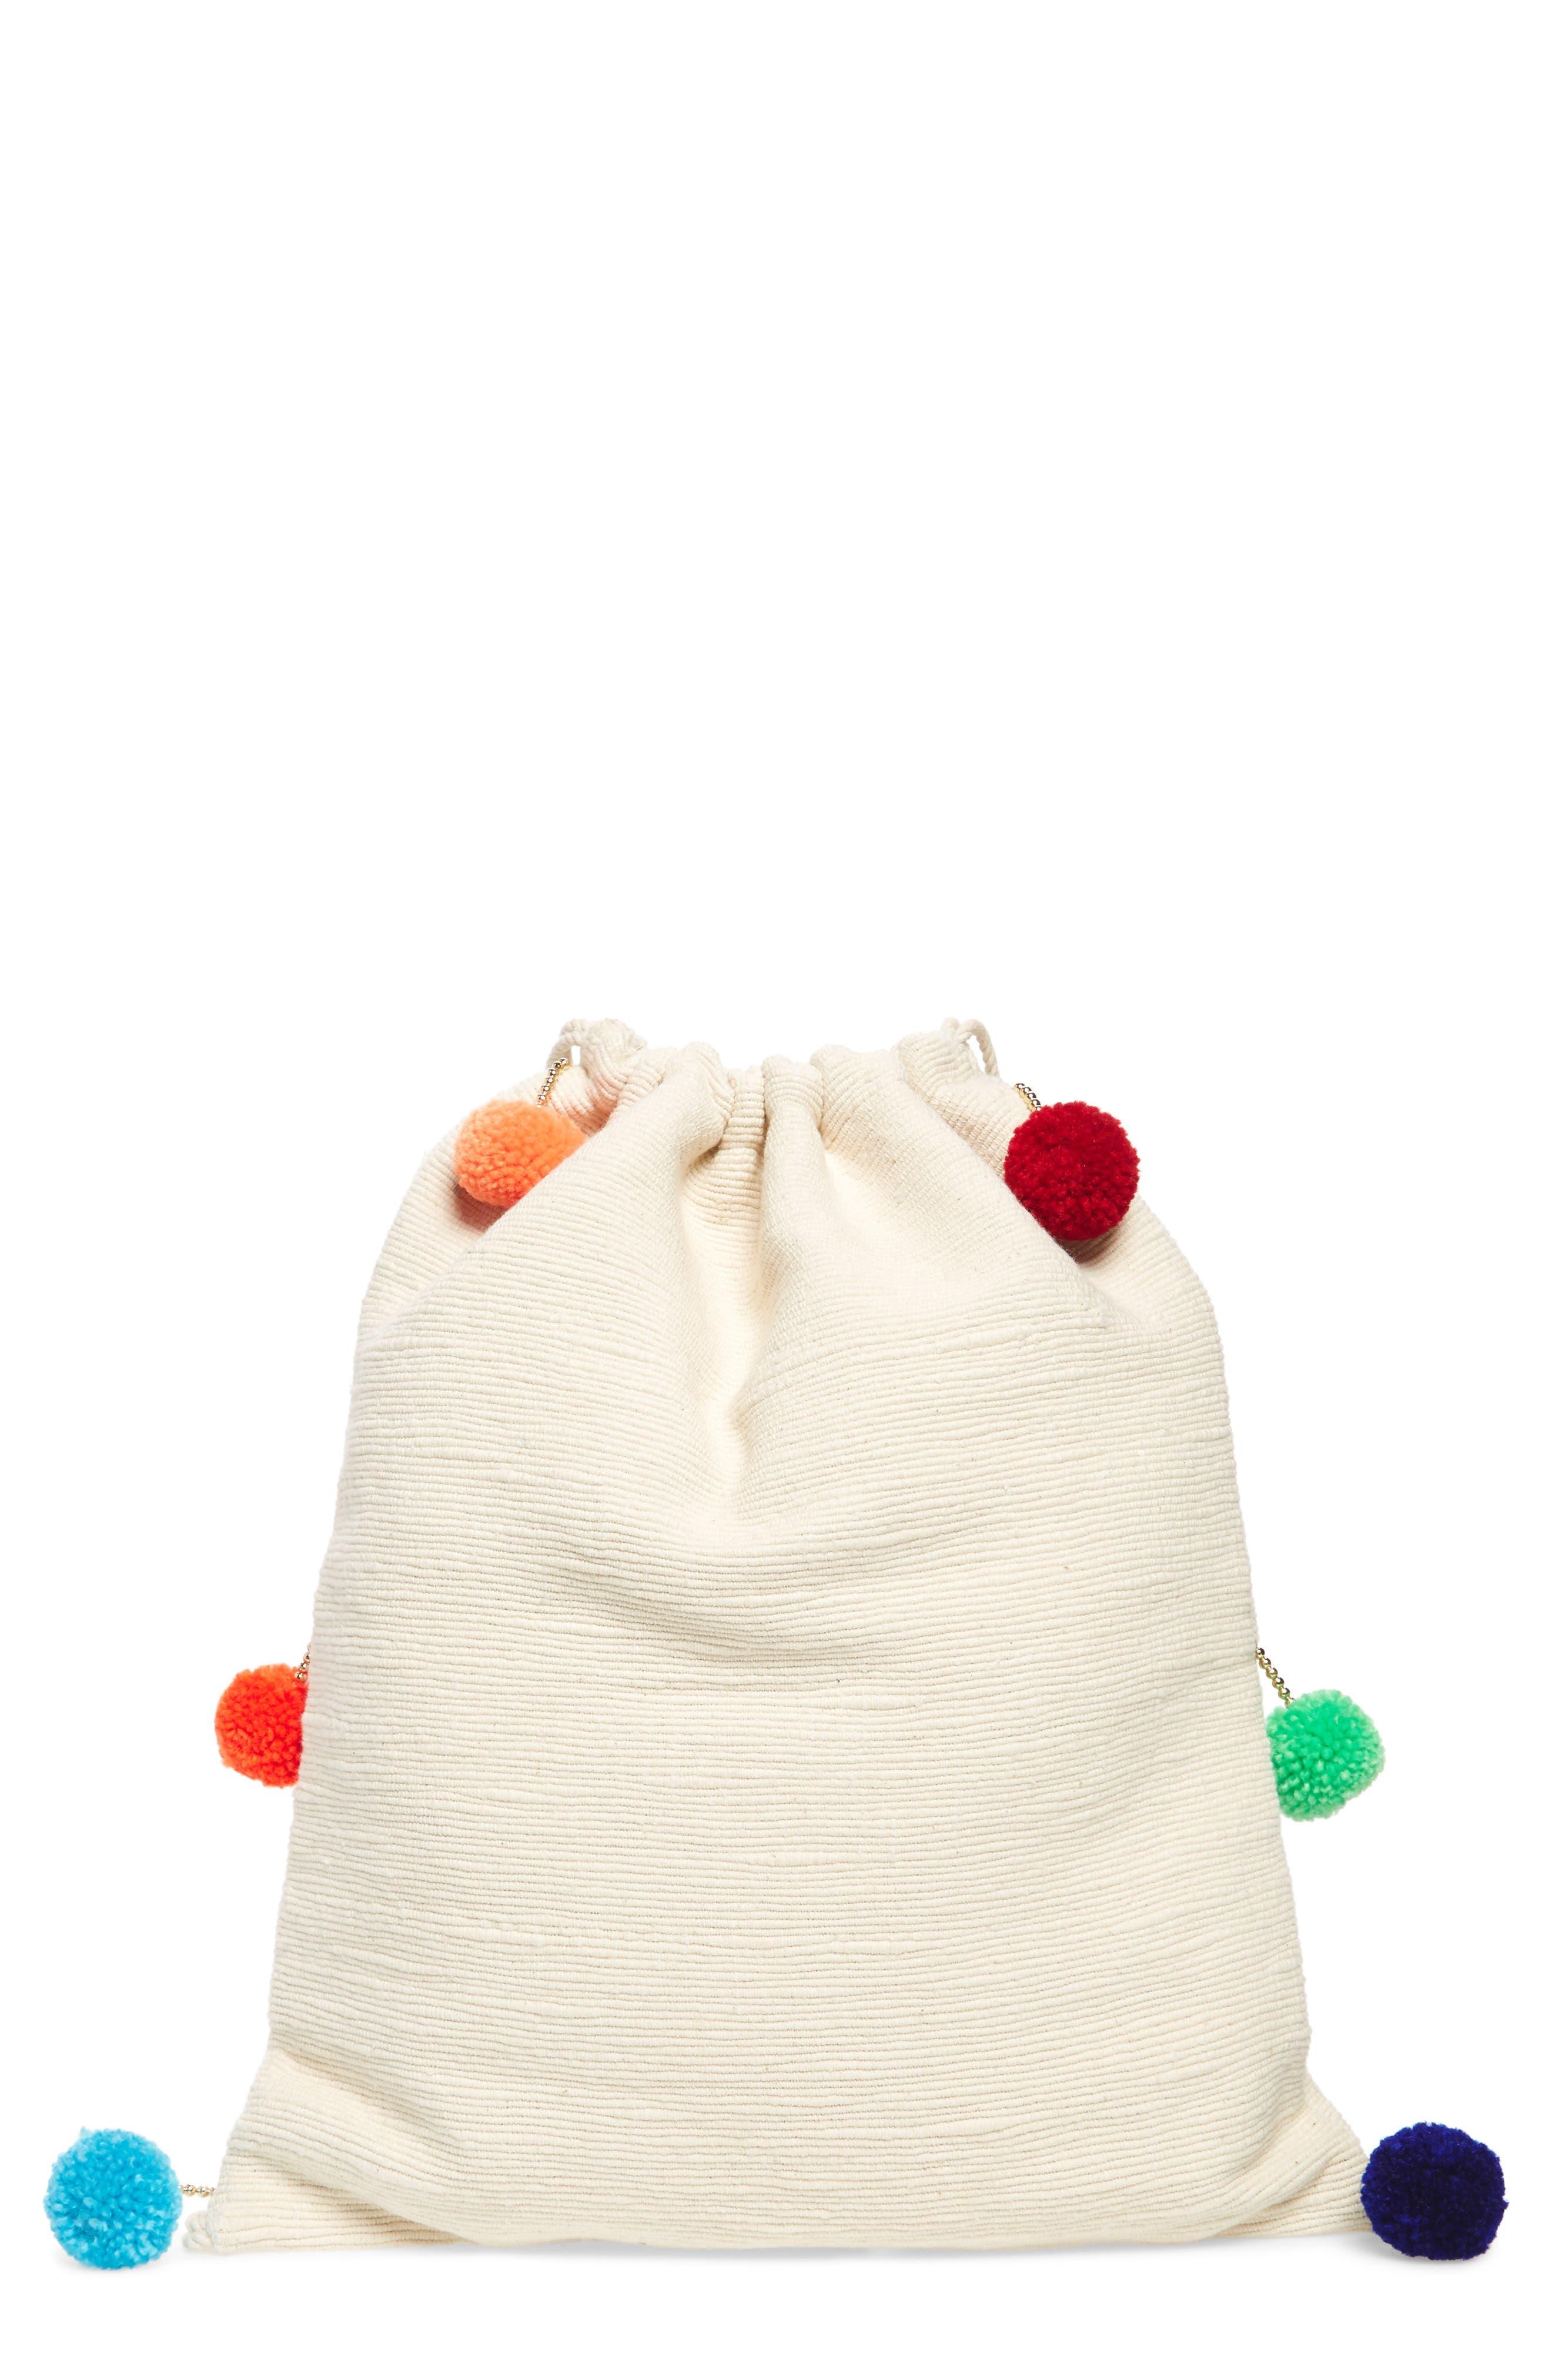 Pompom Drawstring Bag,                         Main,                         color, Caramel